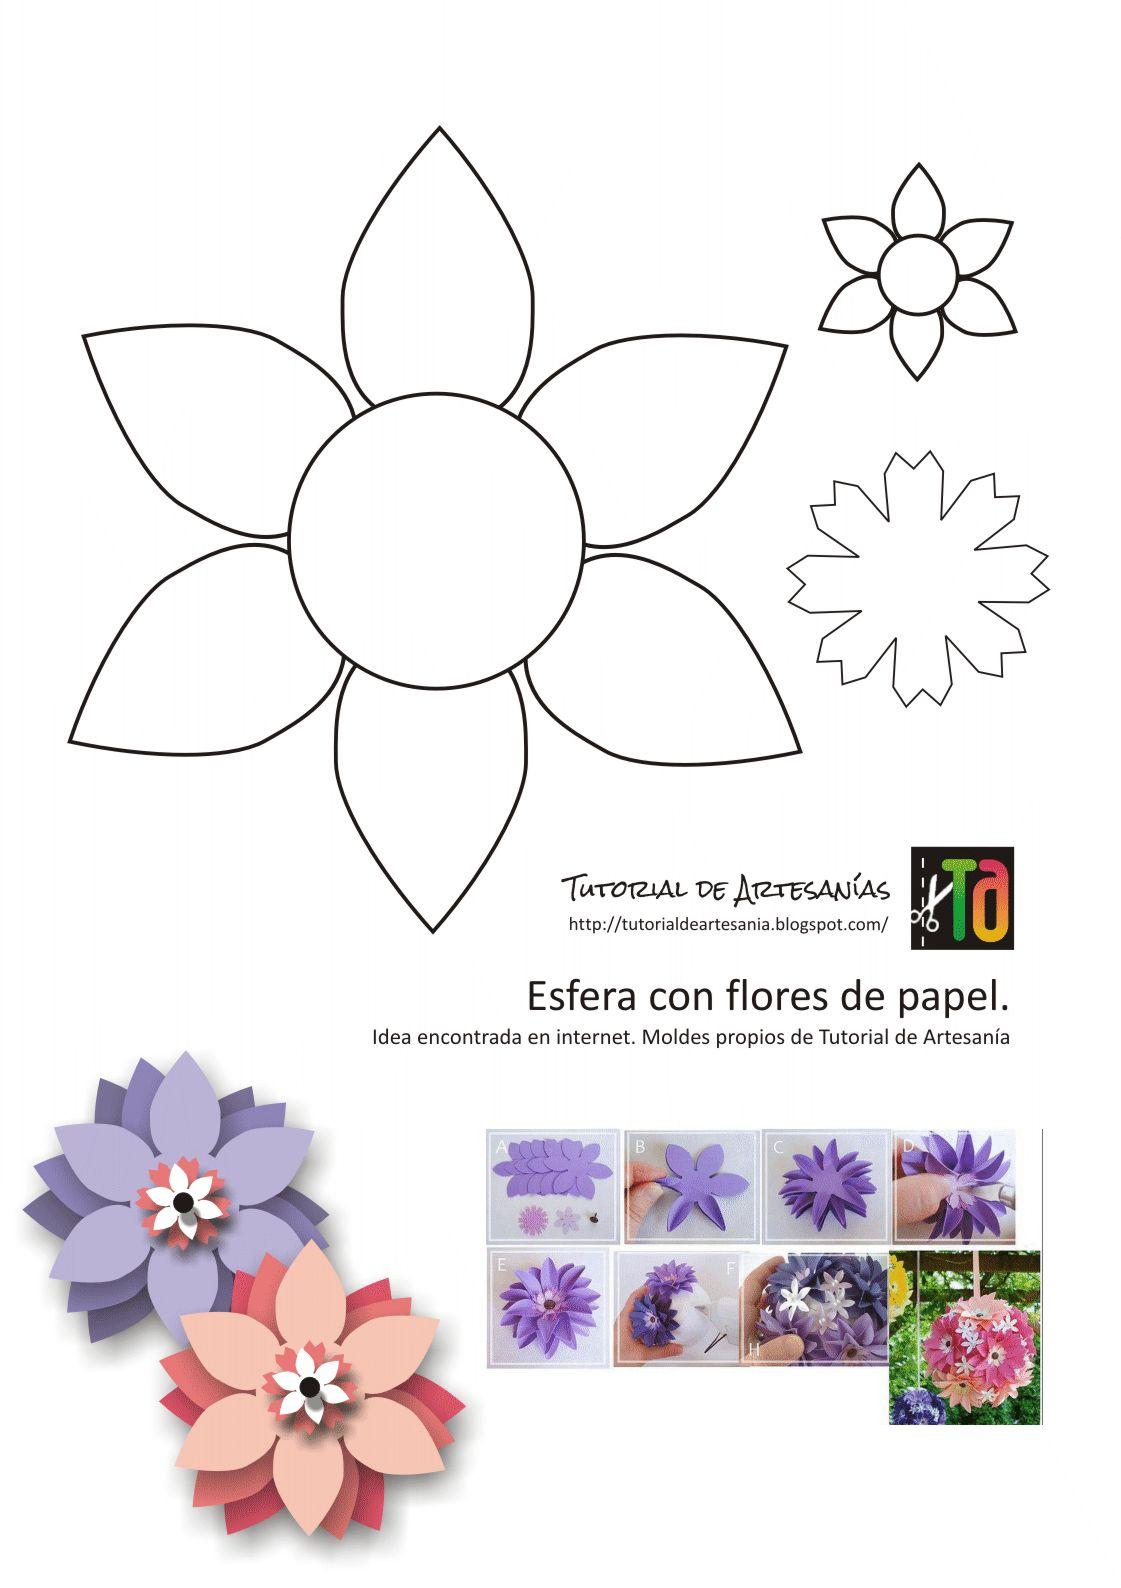 Moldes de flores para esfera (en el blog) | Artesanias y tutoriales ...